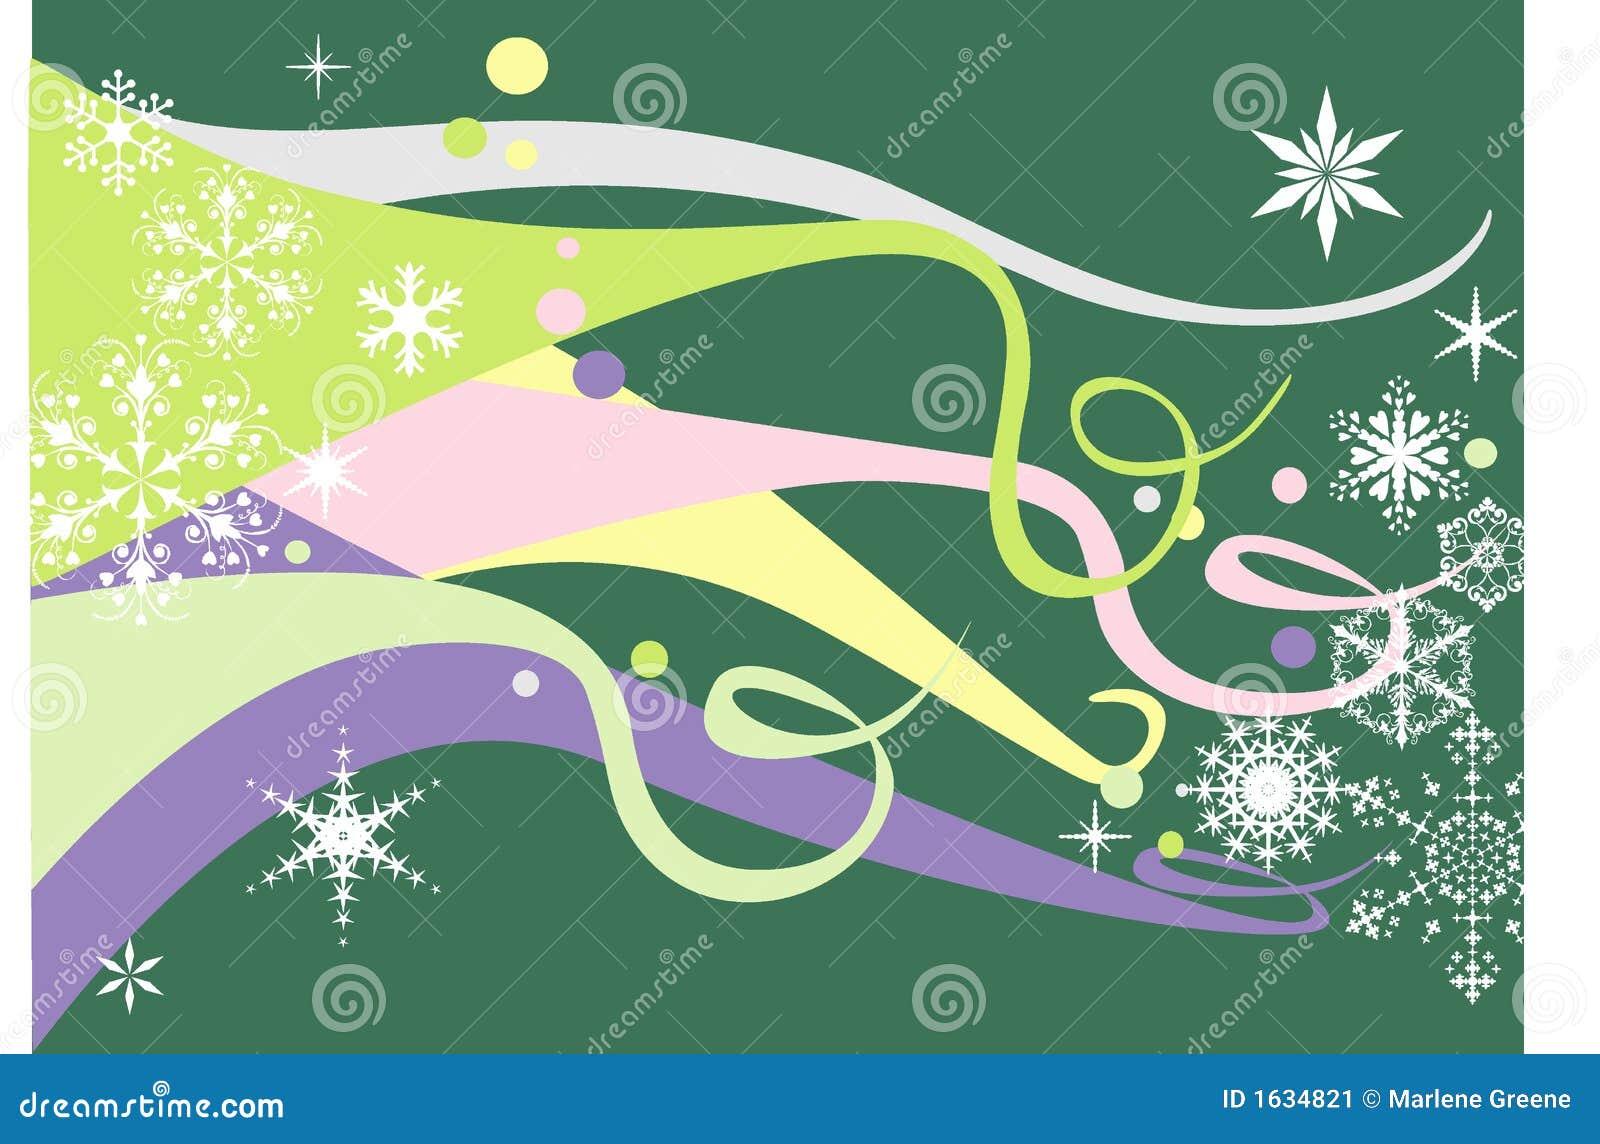 Pastelkleur & Sneeuwvlokken